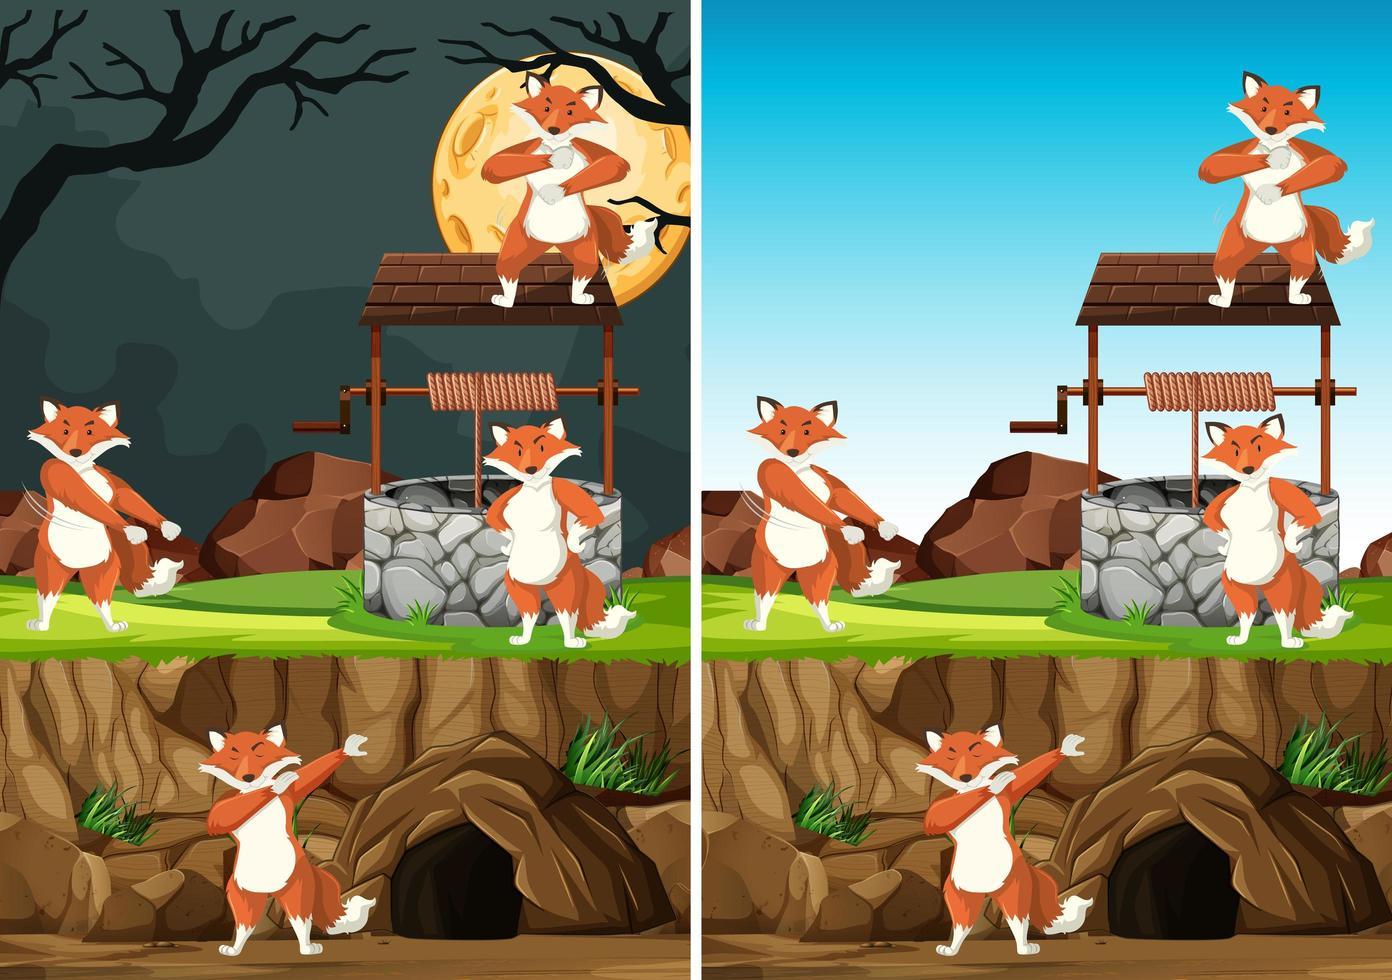 wilde vossen in verschillende poses buitenshuis vector